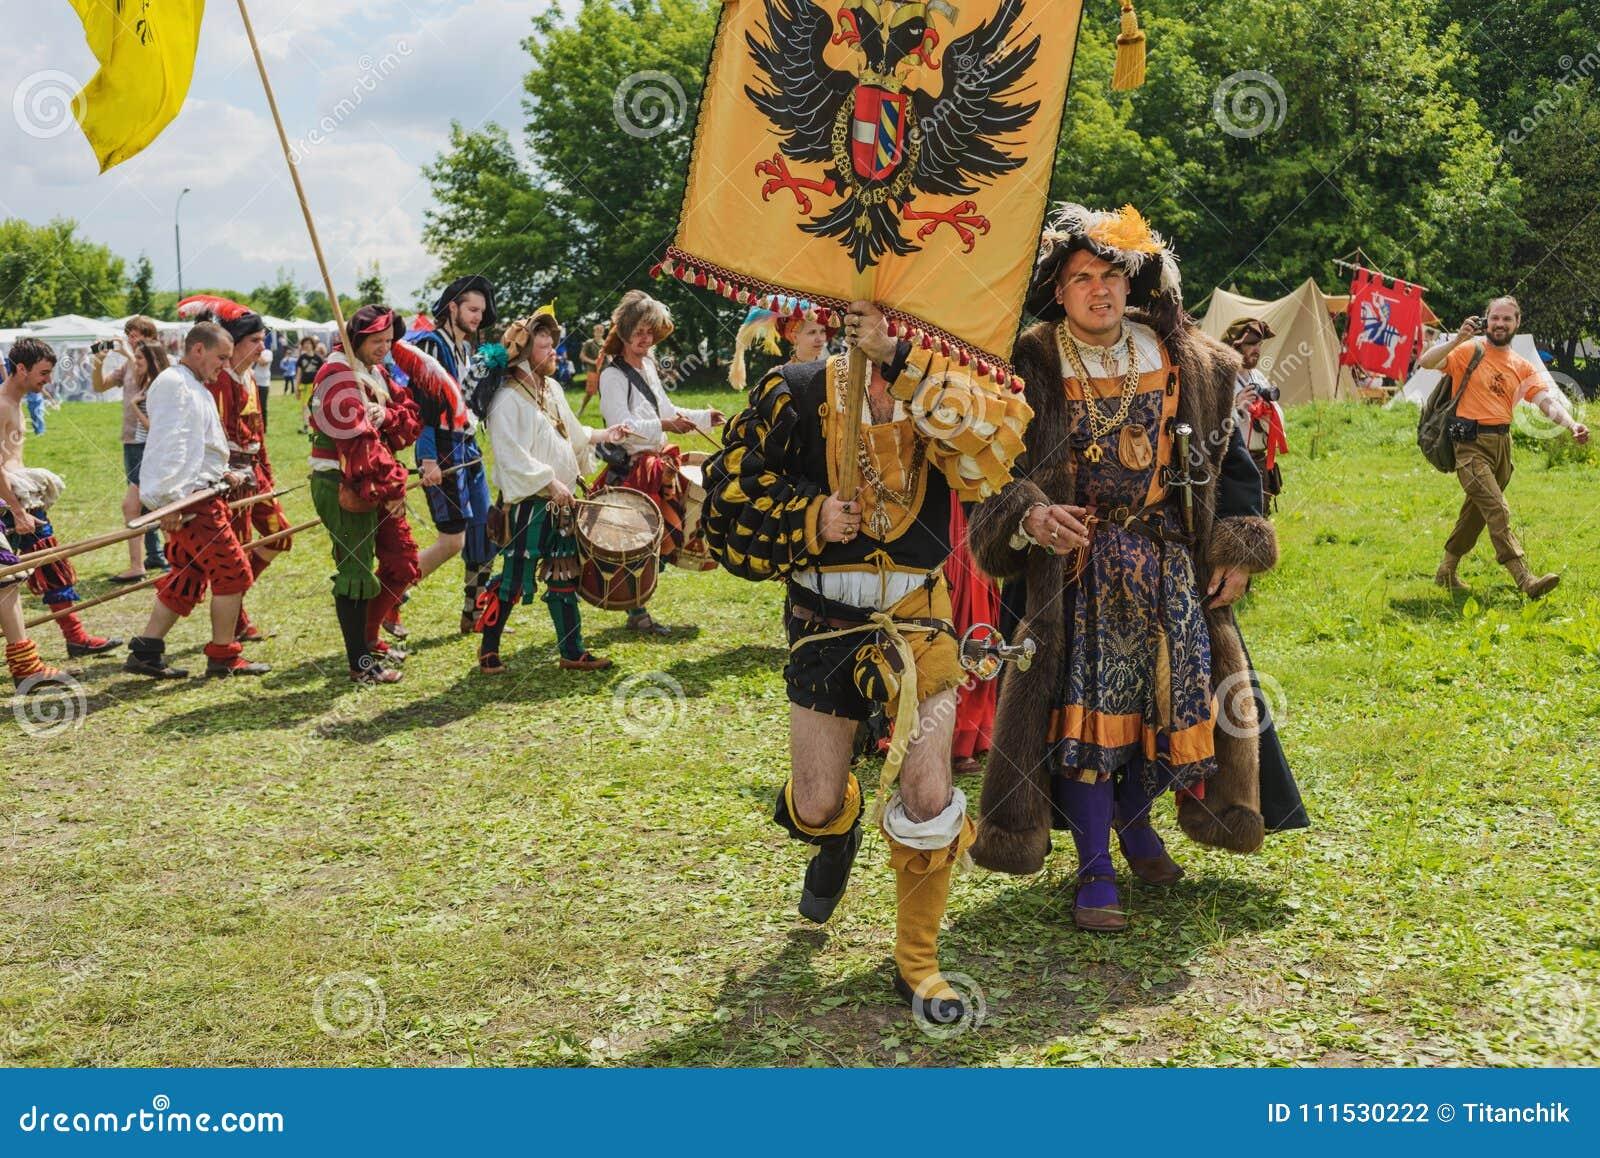 2c68af688be38 Landsknecht - German Mercenary Infantry Of The Renaissance Editorial ...